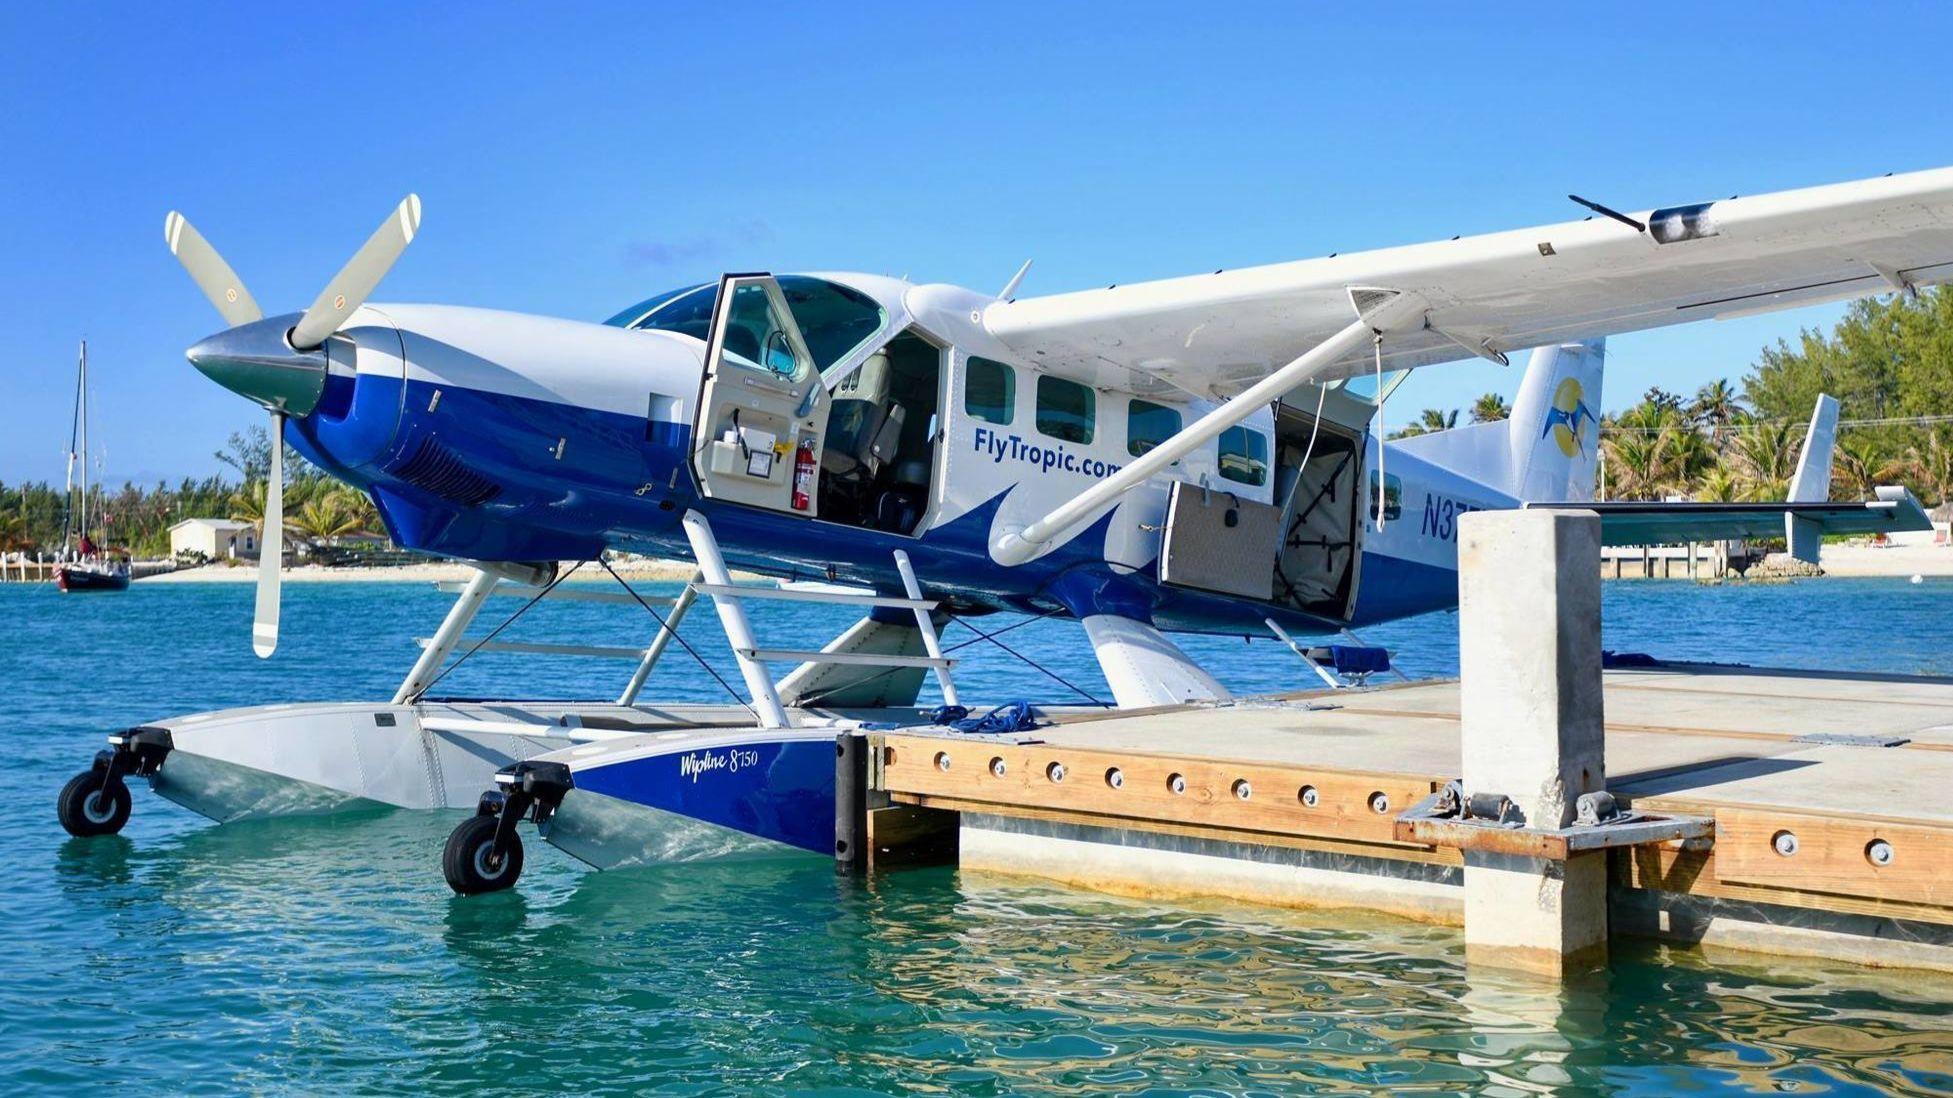 Fort Lauderdale Seaplane Service Announces New Planes